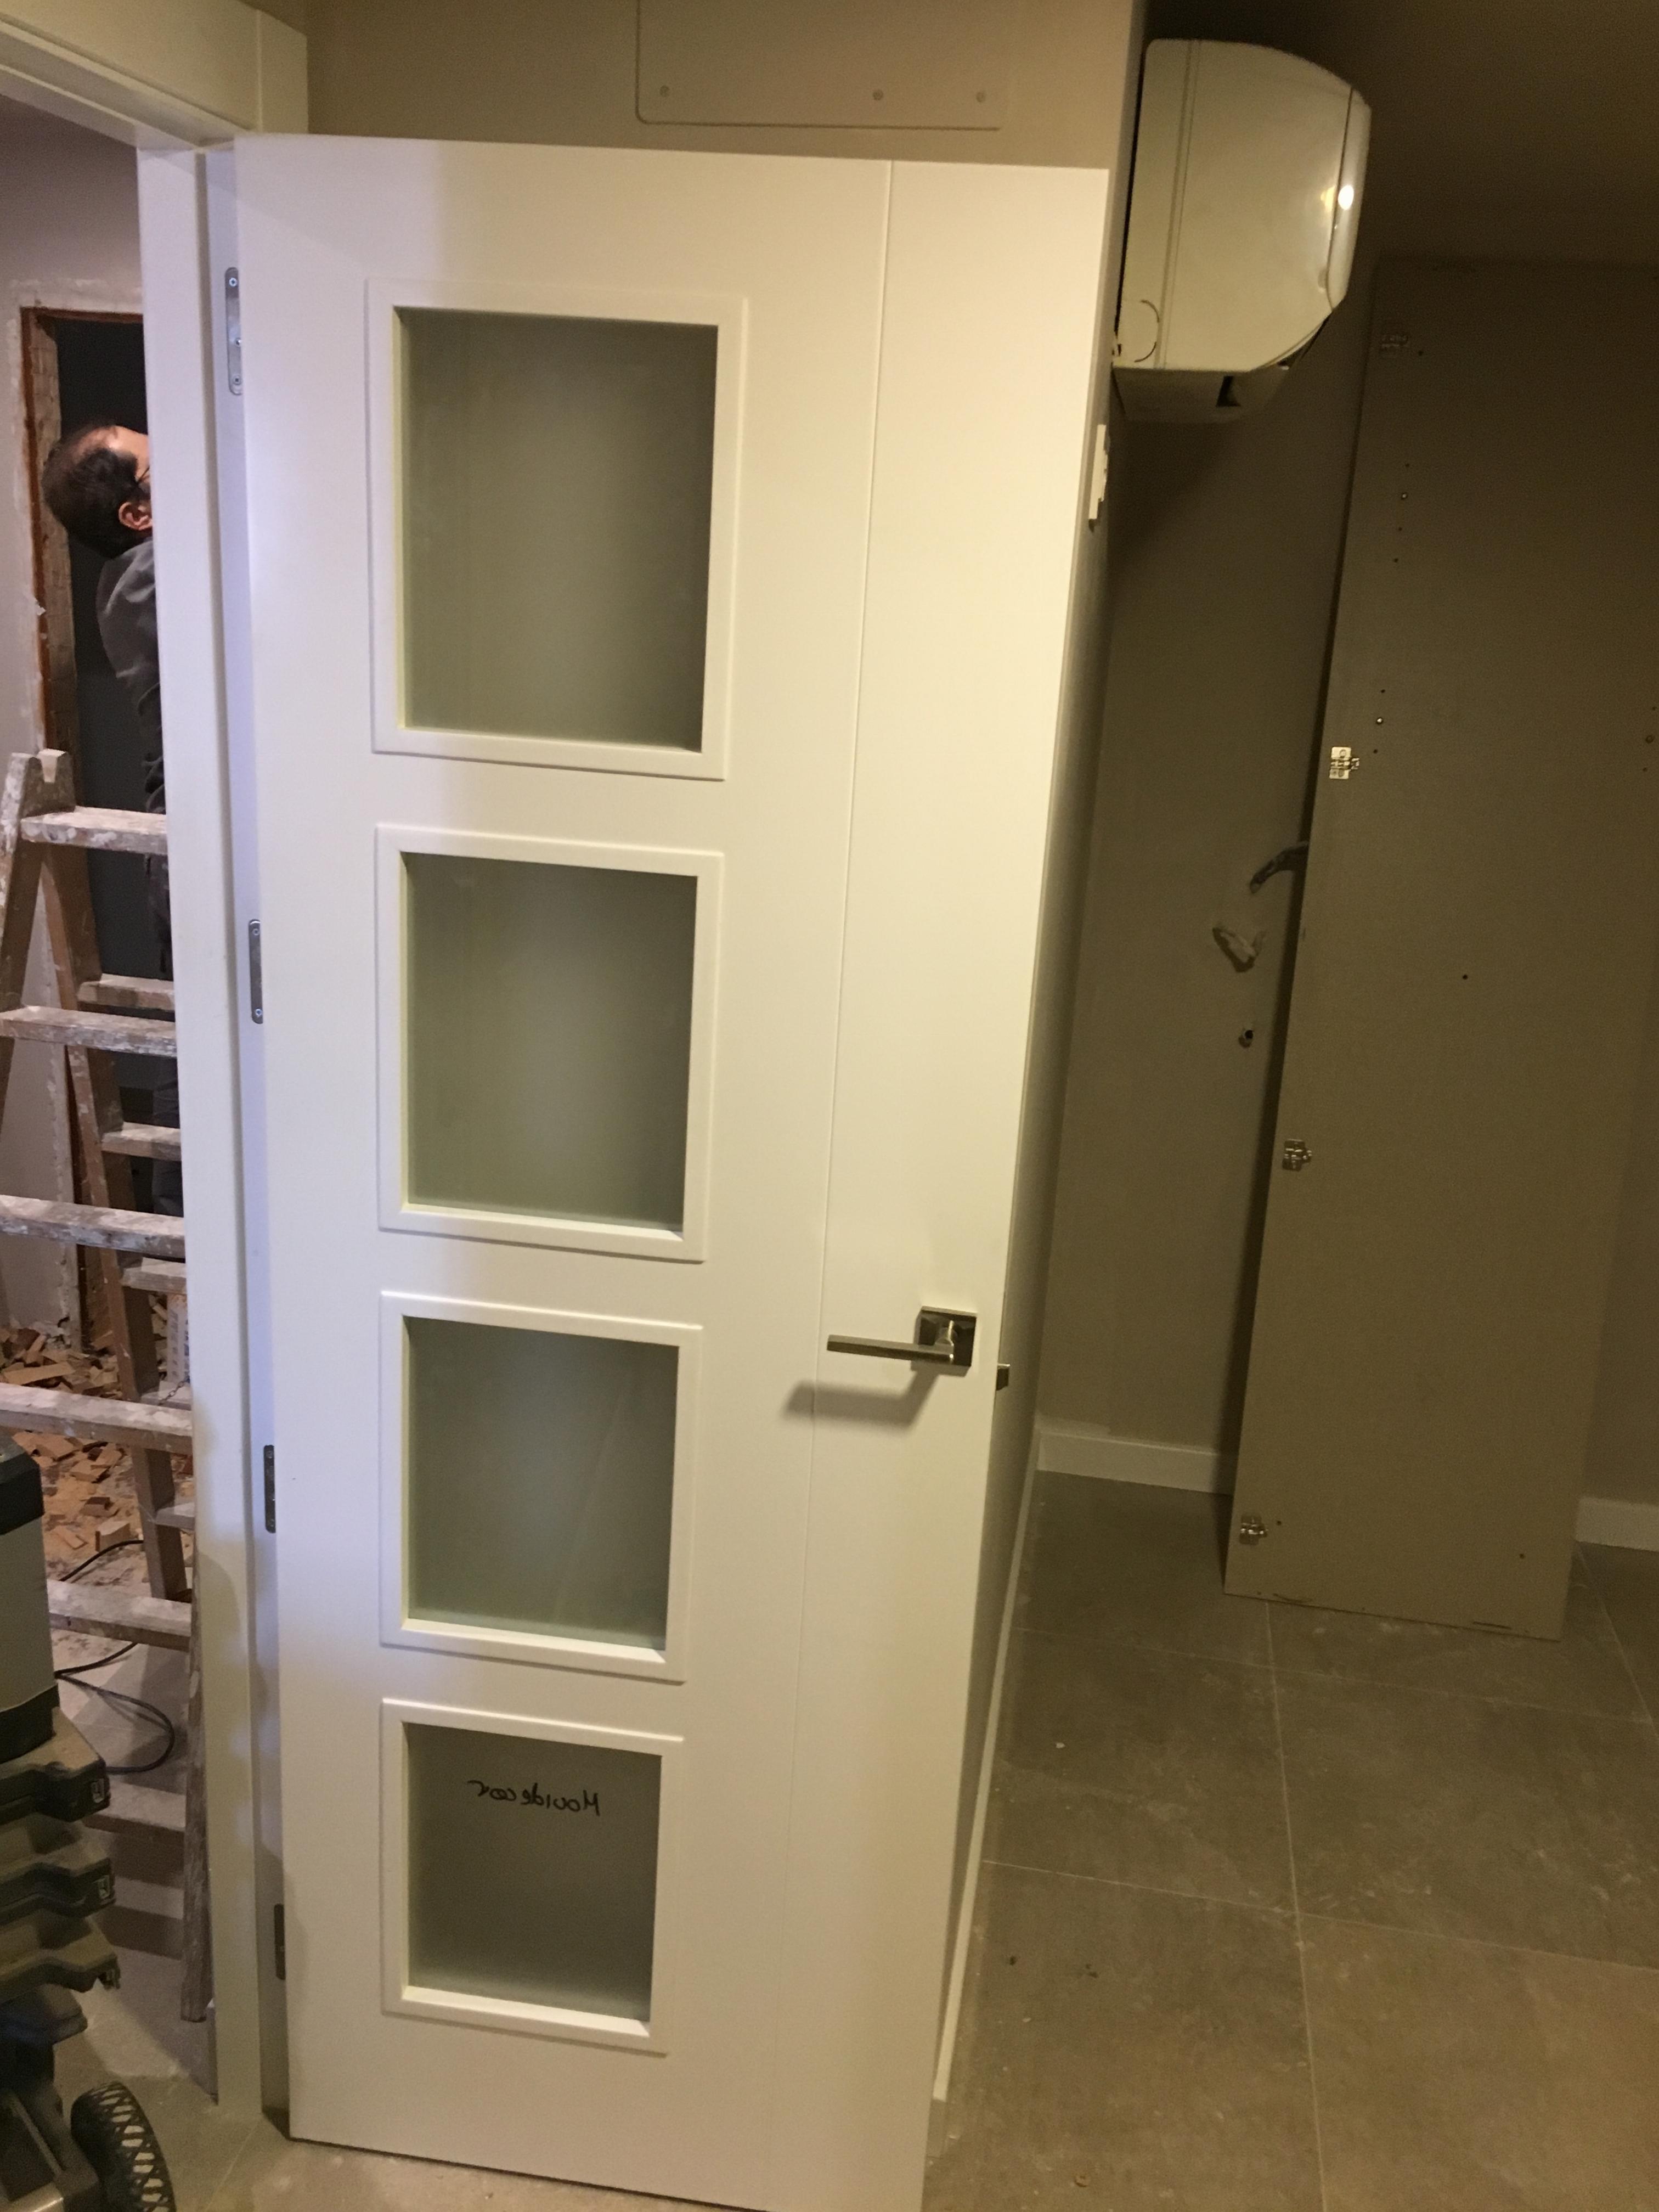 Puertas Lacadas En Blanco Puerta Lacada En Blanco Serie Medio  ~ Precio Puerta Lacada Blanca Instalada